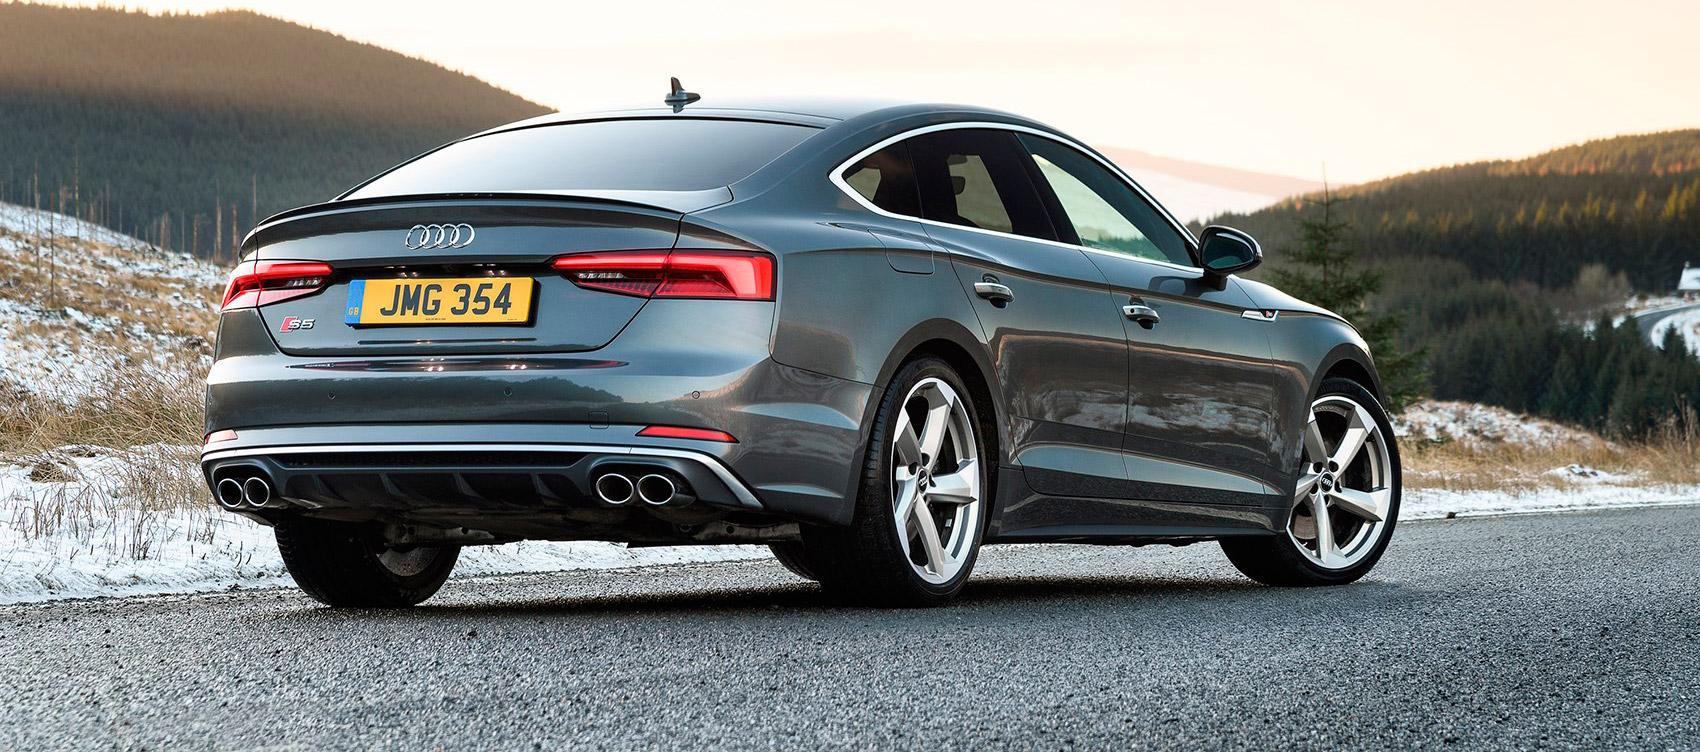 Nos vamos de visita a rne con el nuevo Audi A5 Sportback